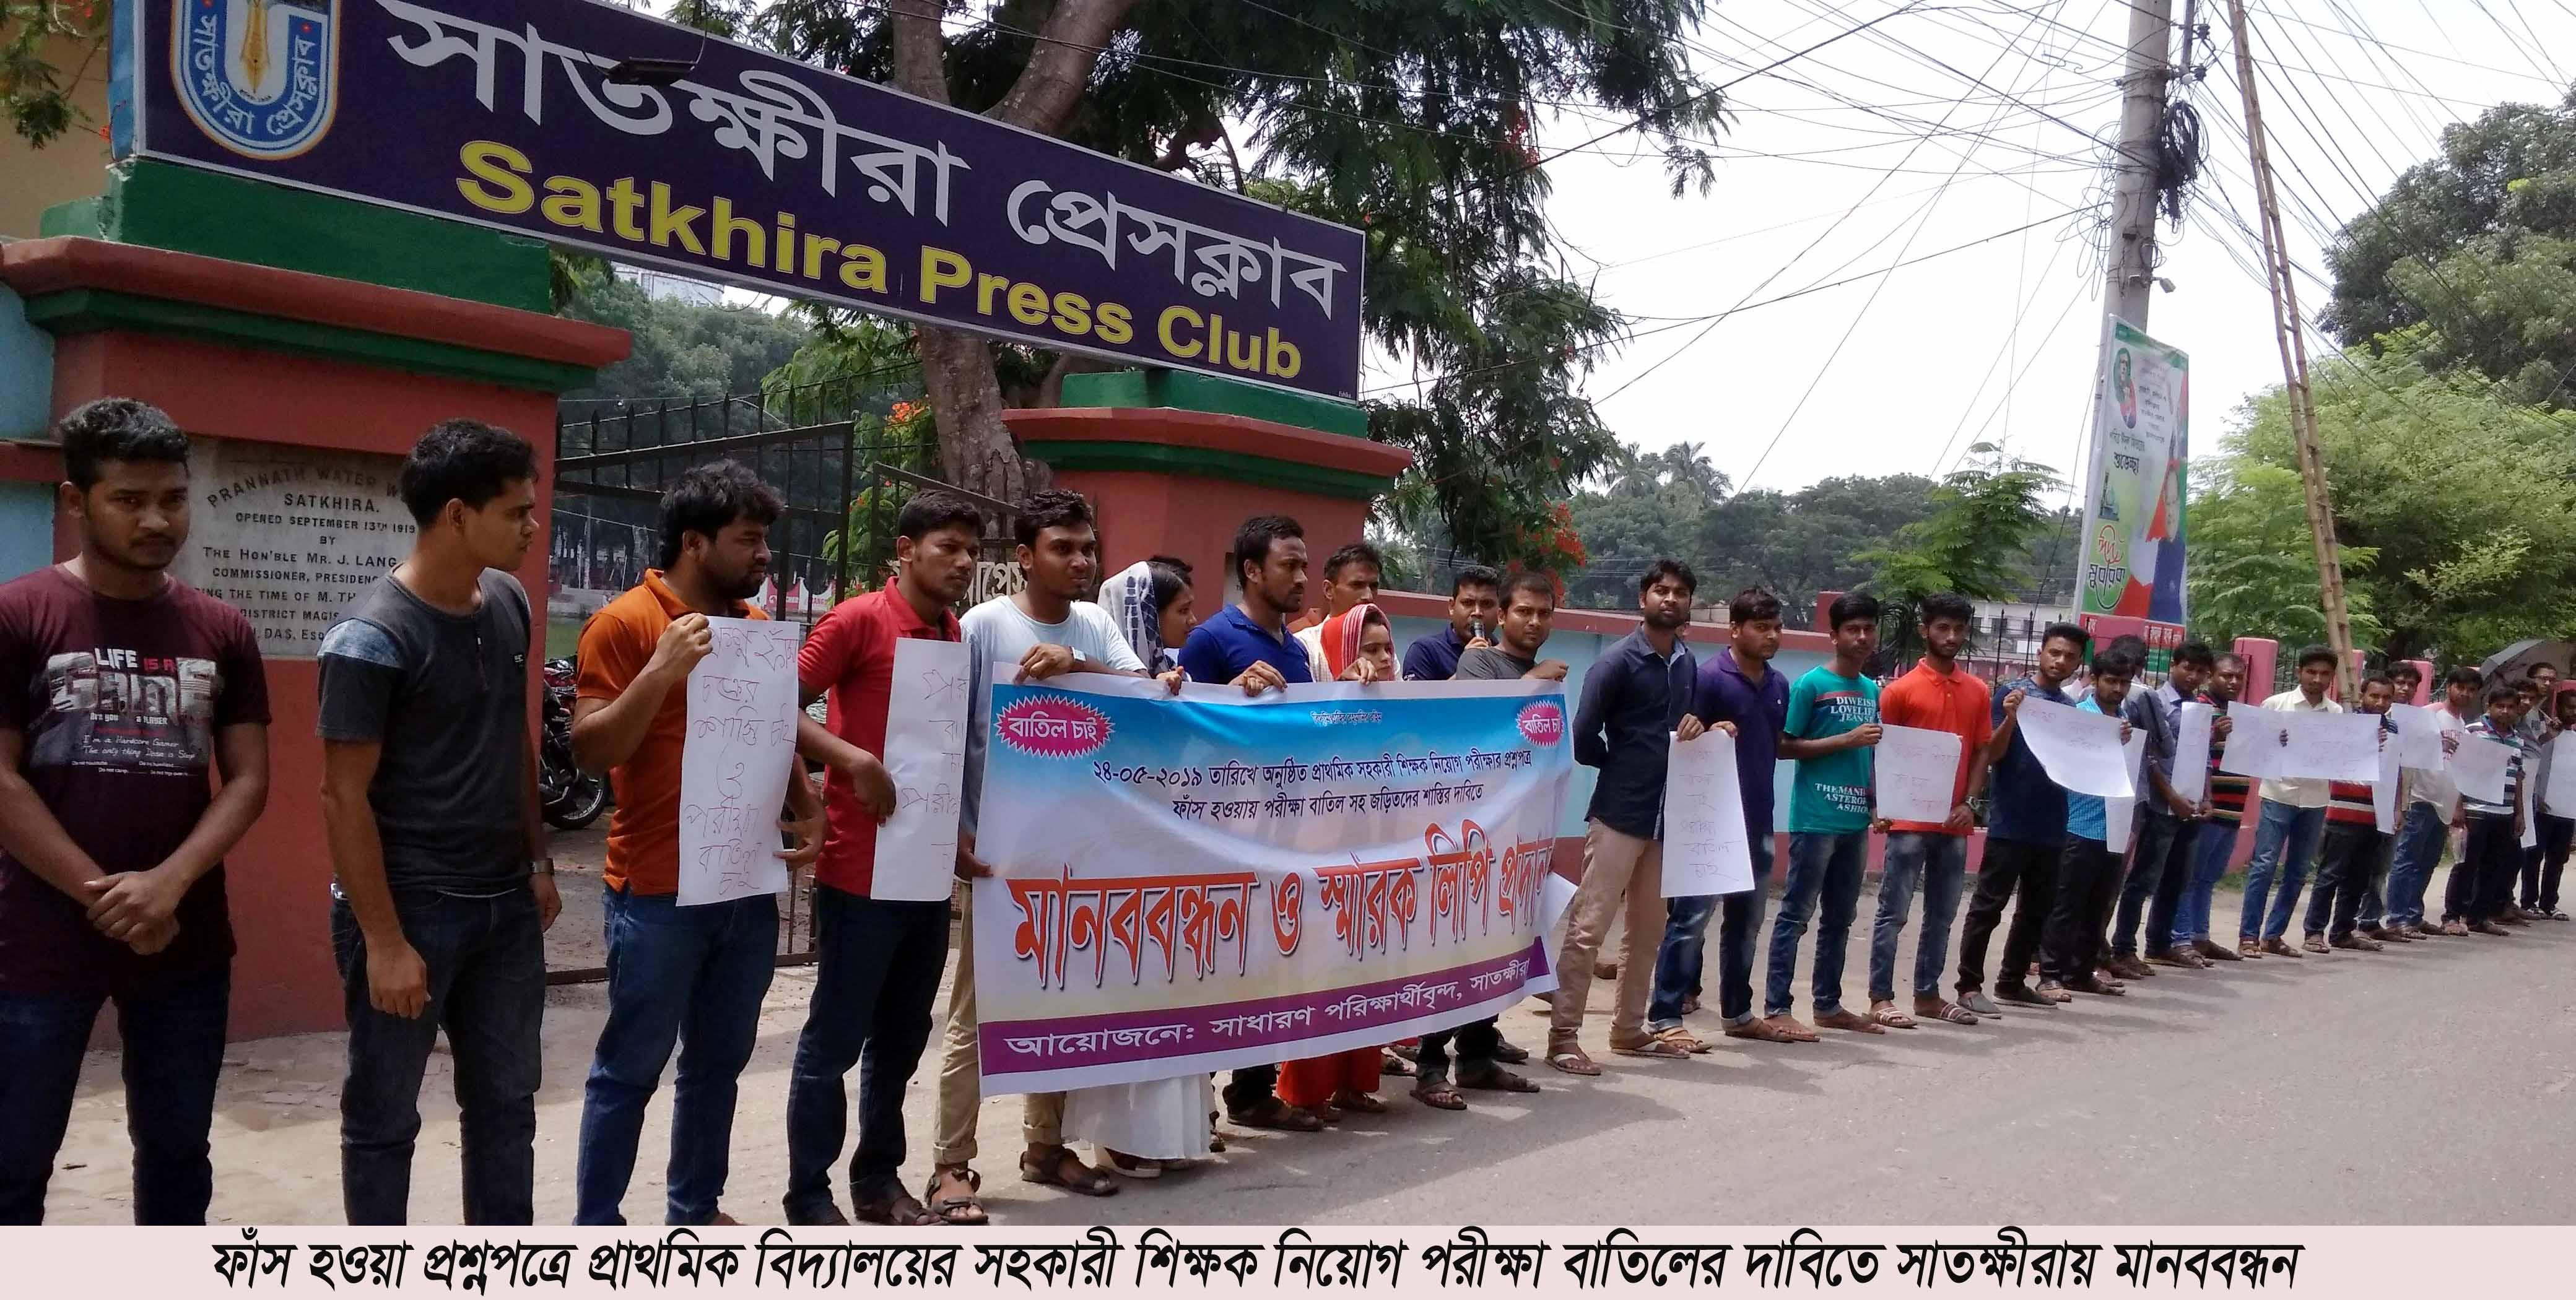 সাতক্ষীরা প্রেসক্লাবে সন্ত্রাসী হামলা: কালিগঞ্জ রিপোর্টার্স ক্লাবের তীব্র নিন্দা ও প্রতিবাদ